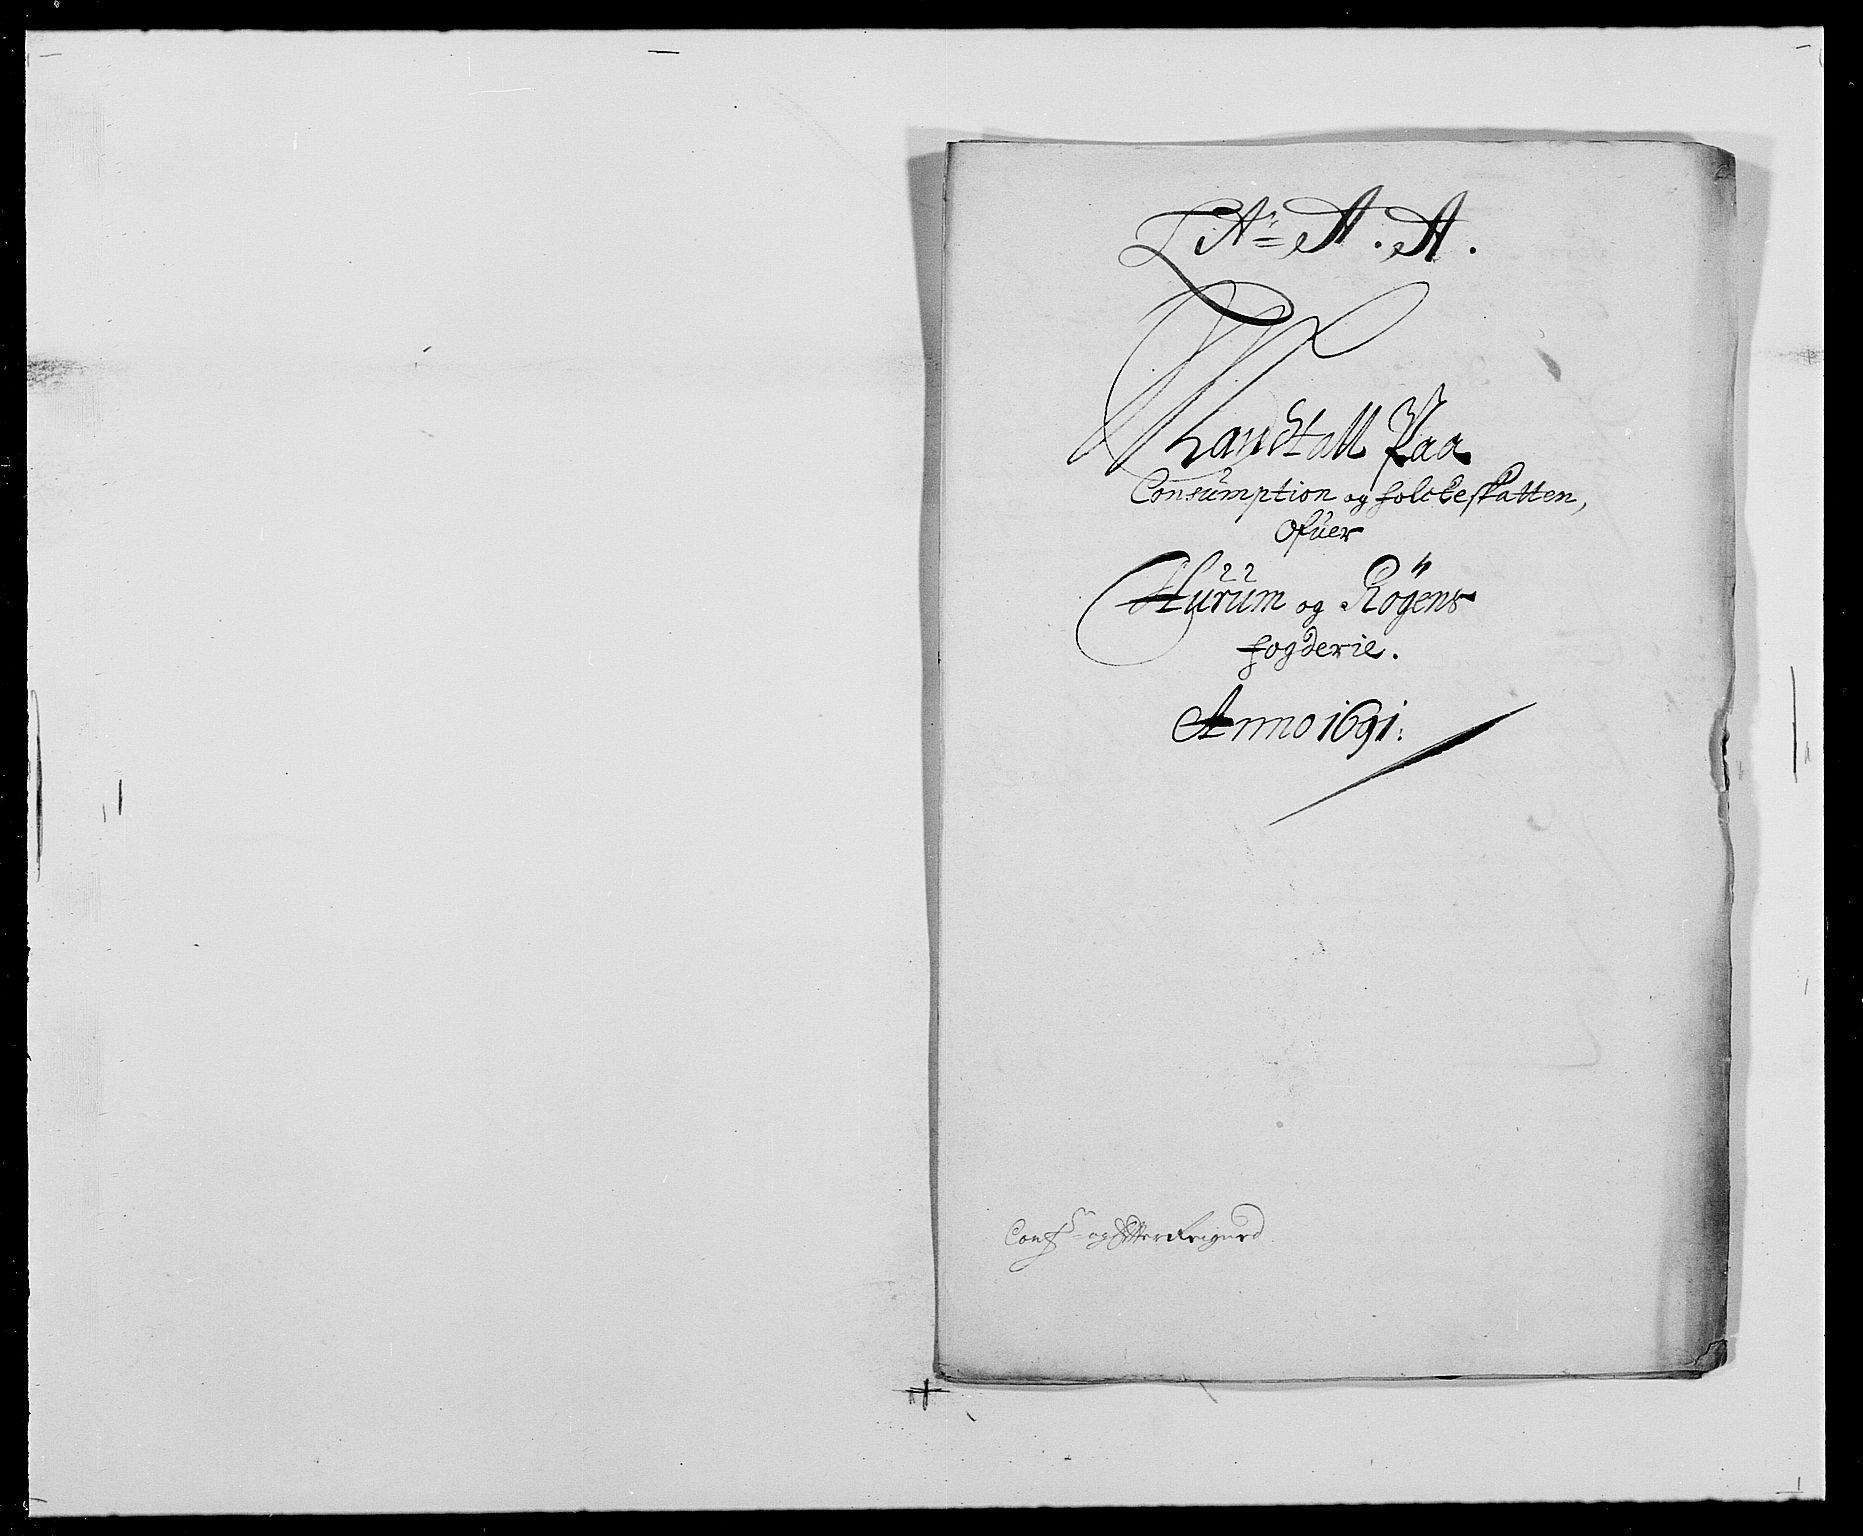 RA, Rentekammeret inntil 1814, Reviderte regnskaper, Fogderegnskap, R29/L1693: Fogderegnskap Hurum og Røyken, 1688-1693, s. 218